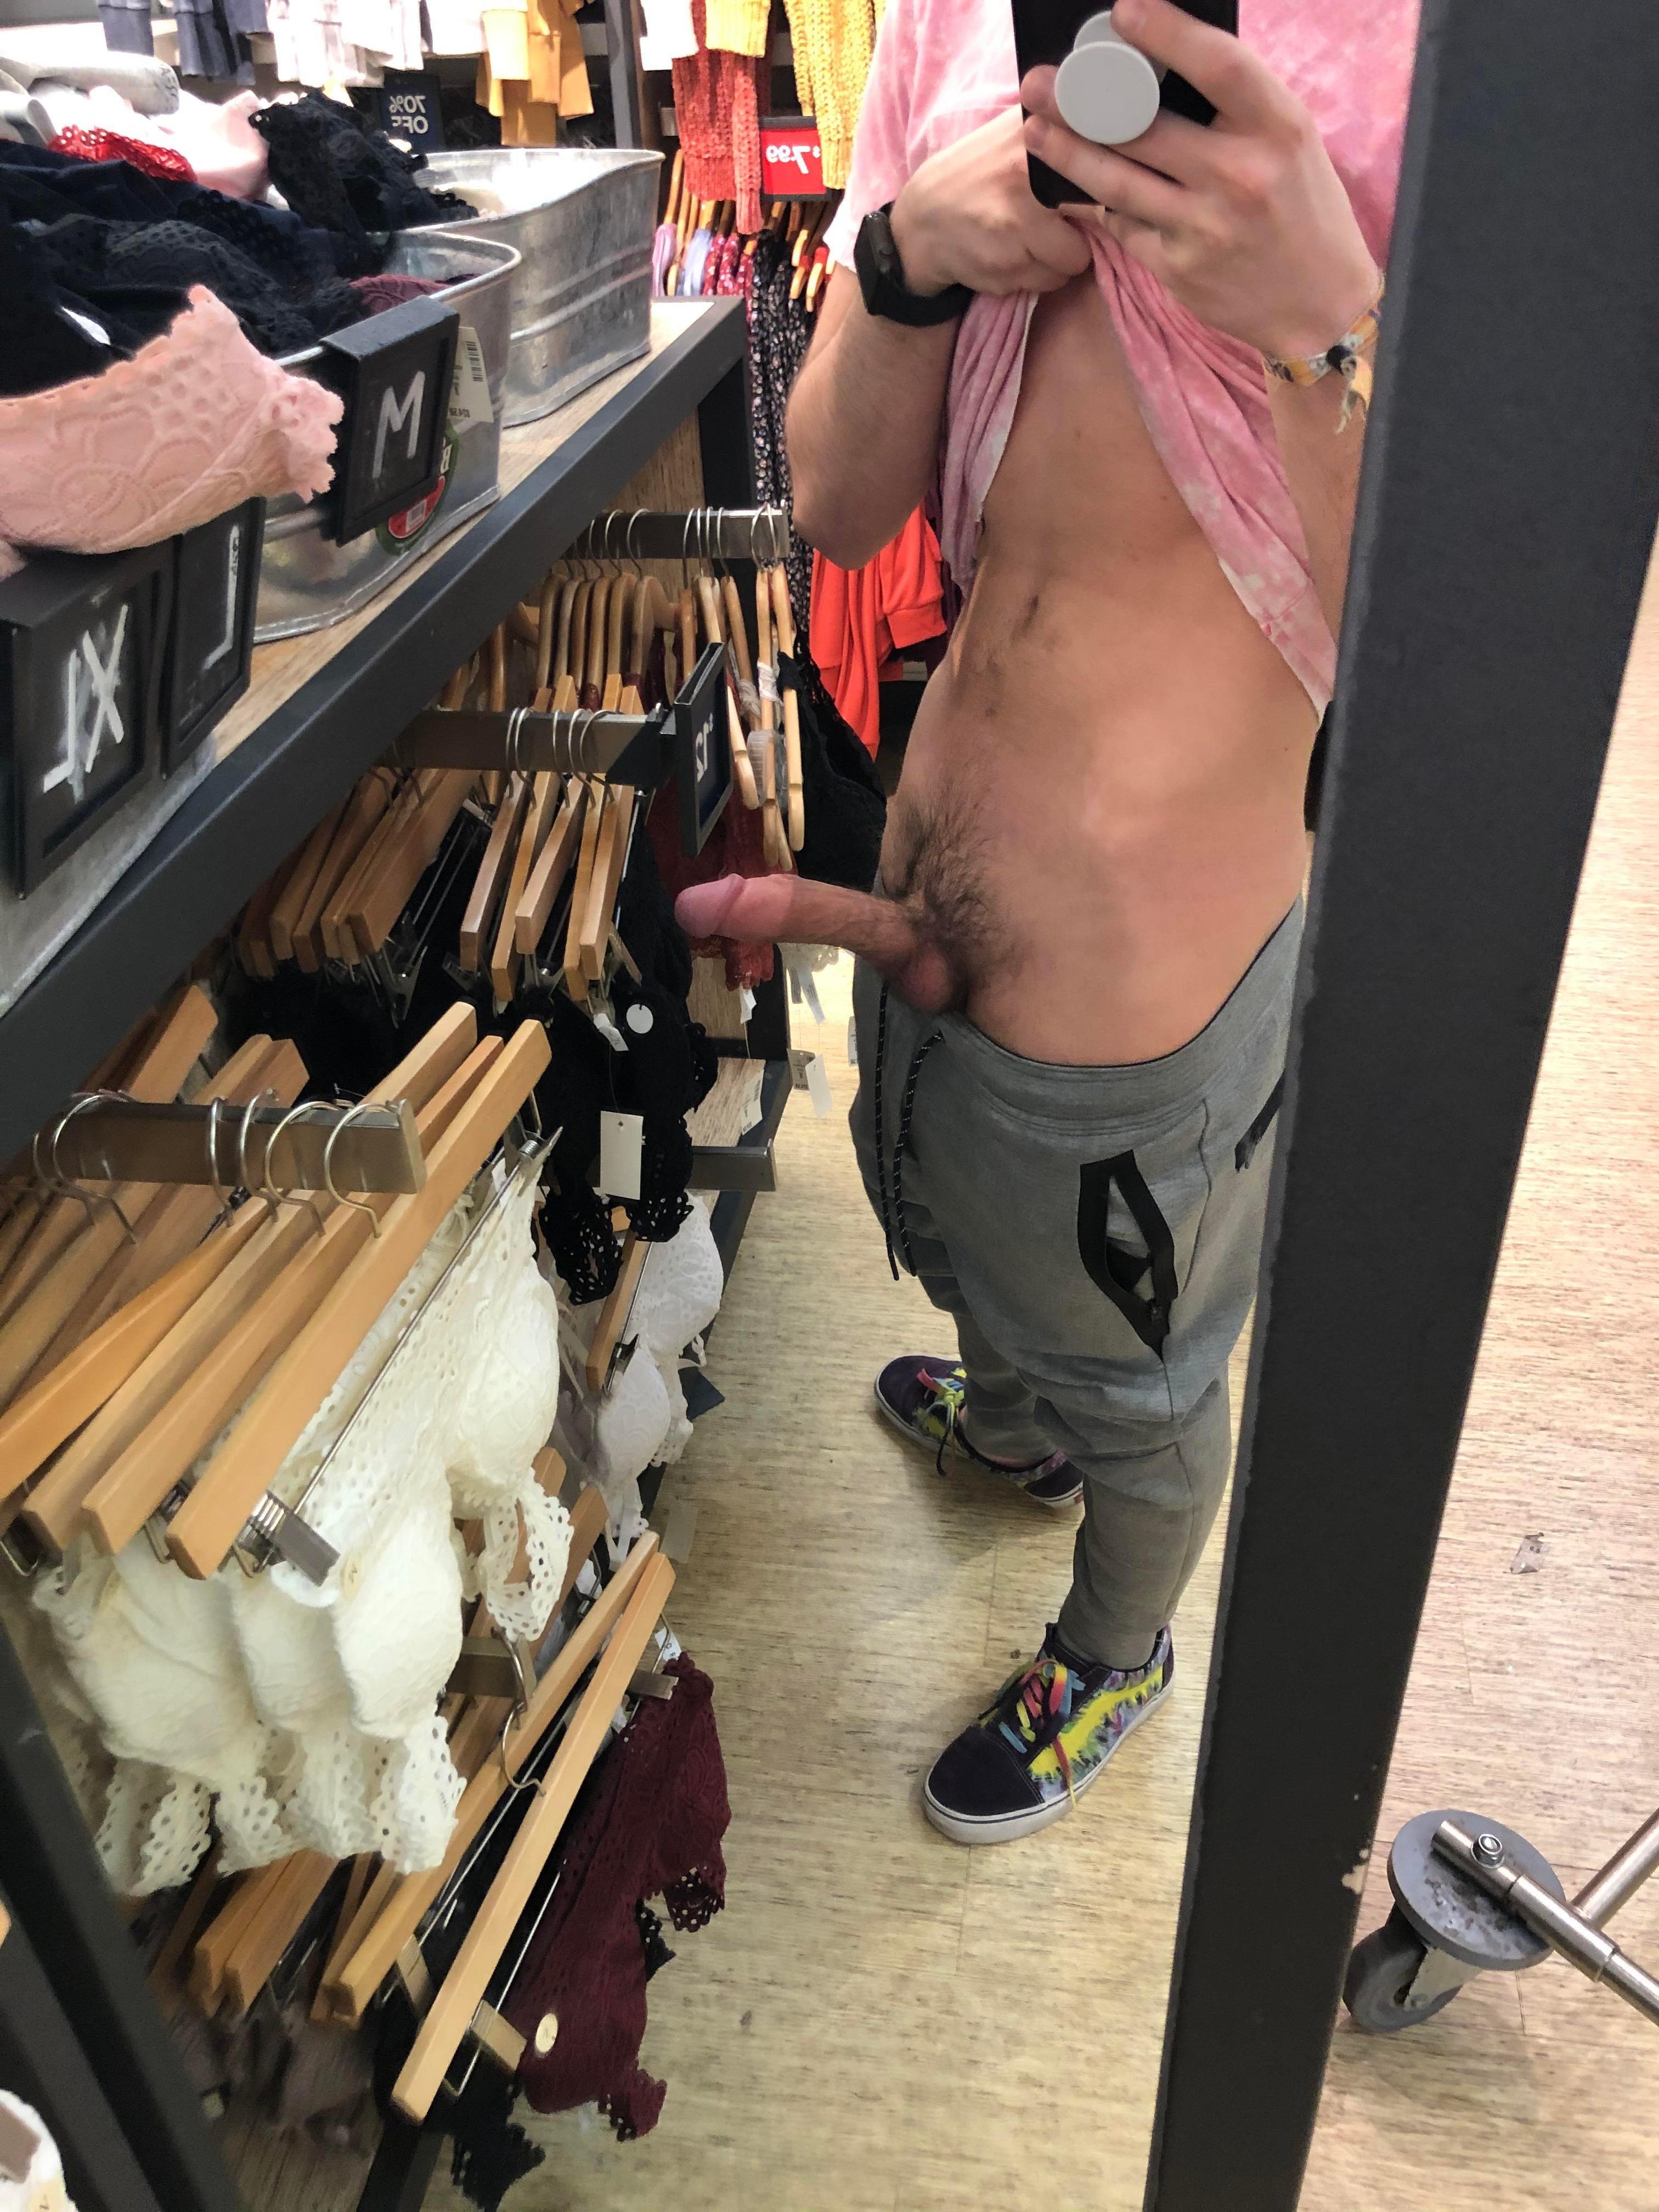 Nude Locker Room